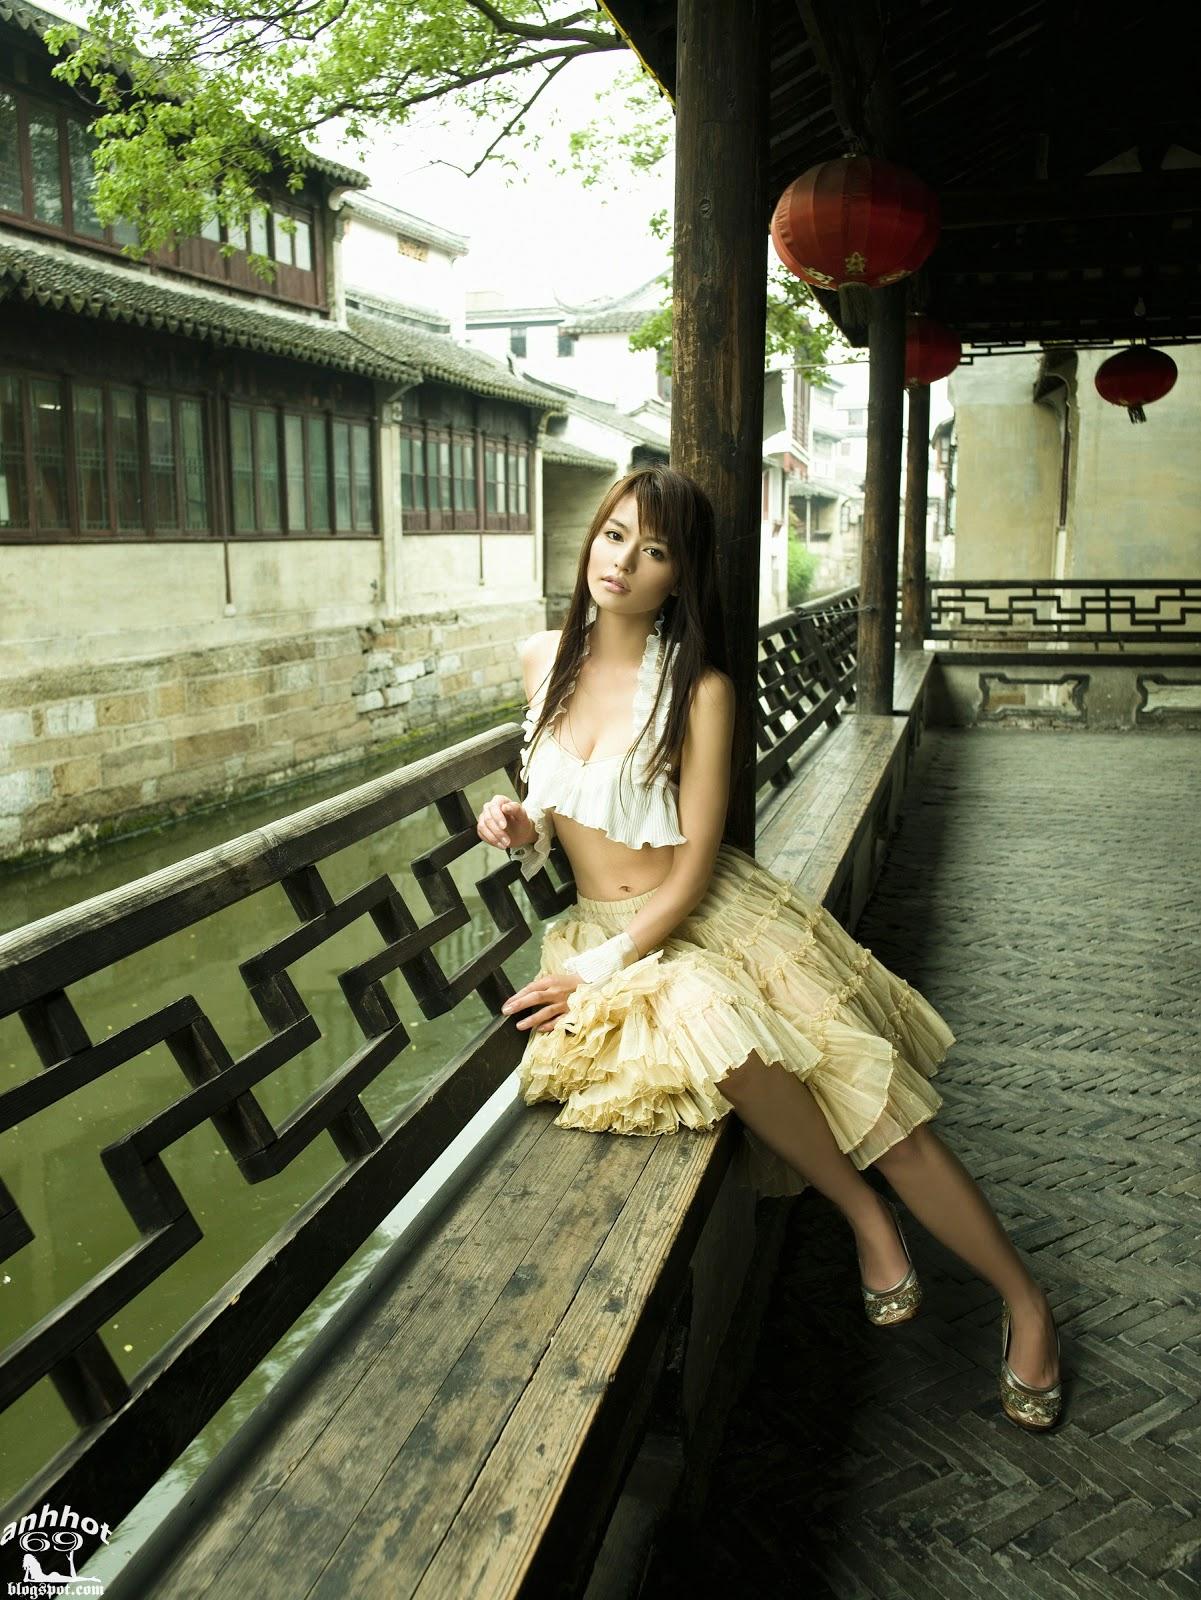 yuriko-shiratori-00499762